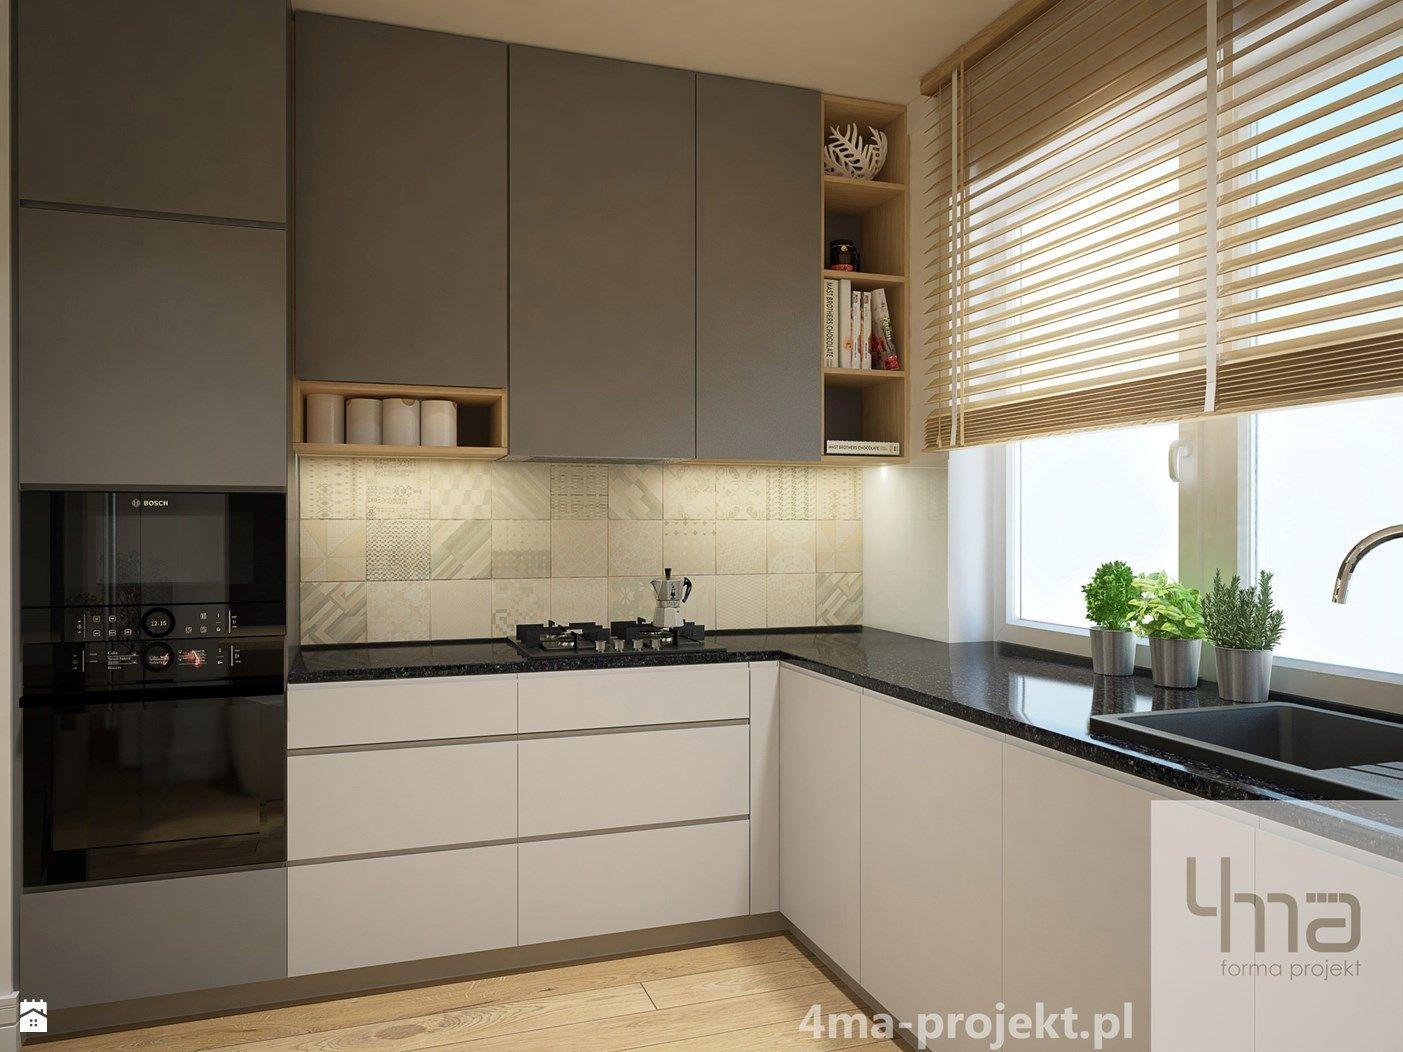 Wystroj Wnetrz Kuchnia Pomysly Na Aranzacje Projekty Ktore Stanowia Prawdziwe Inspiracje White Kitchen Interior Design Kitchen Design Decor Kitchen Decor